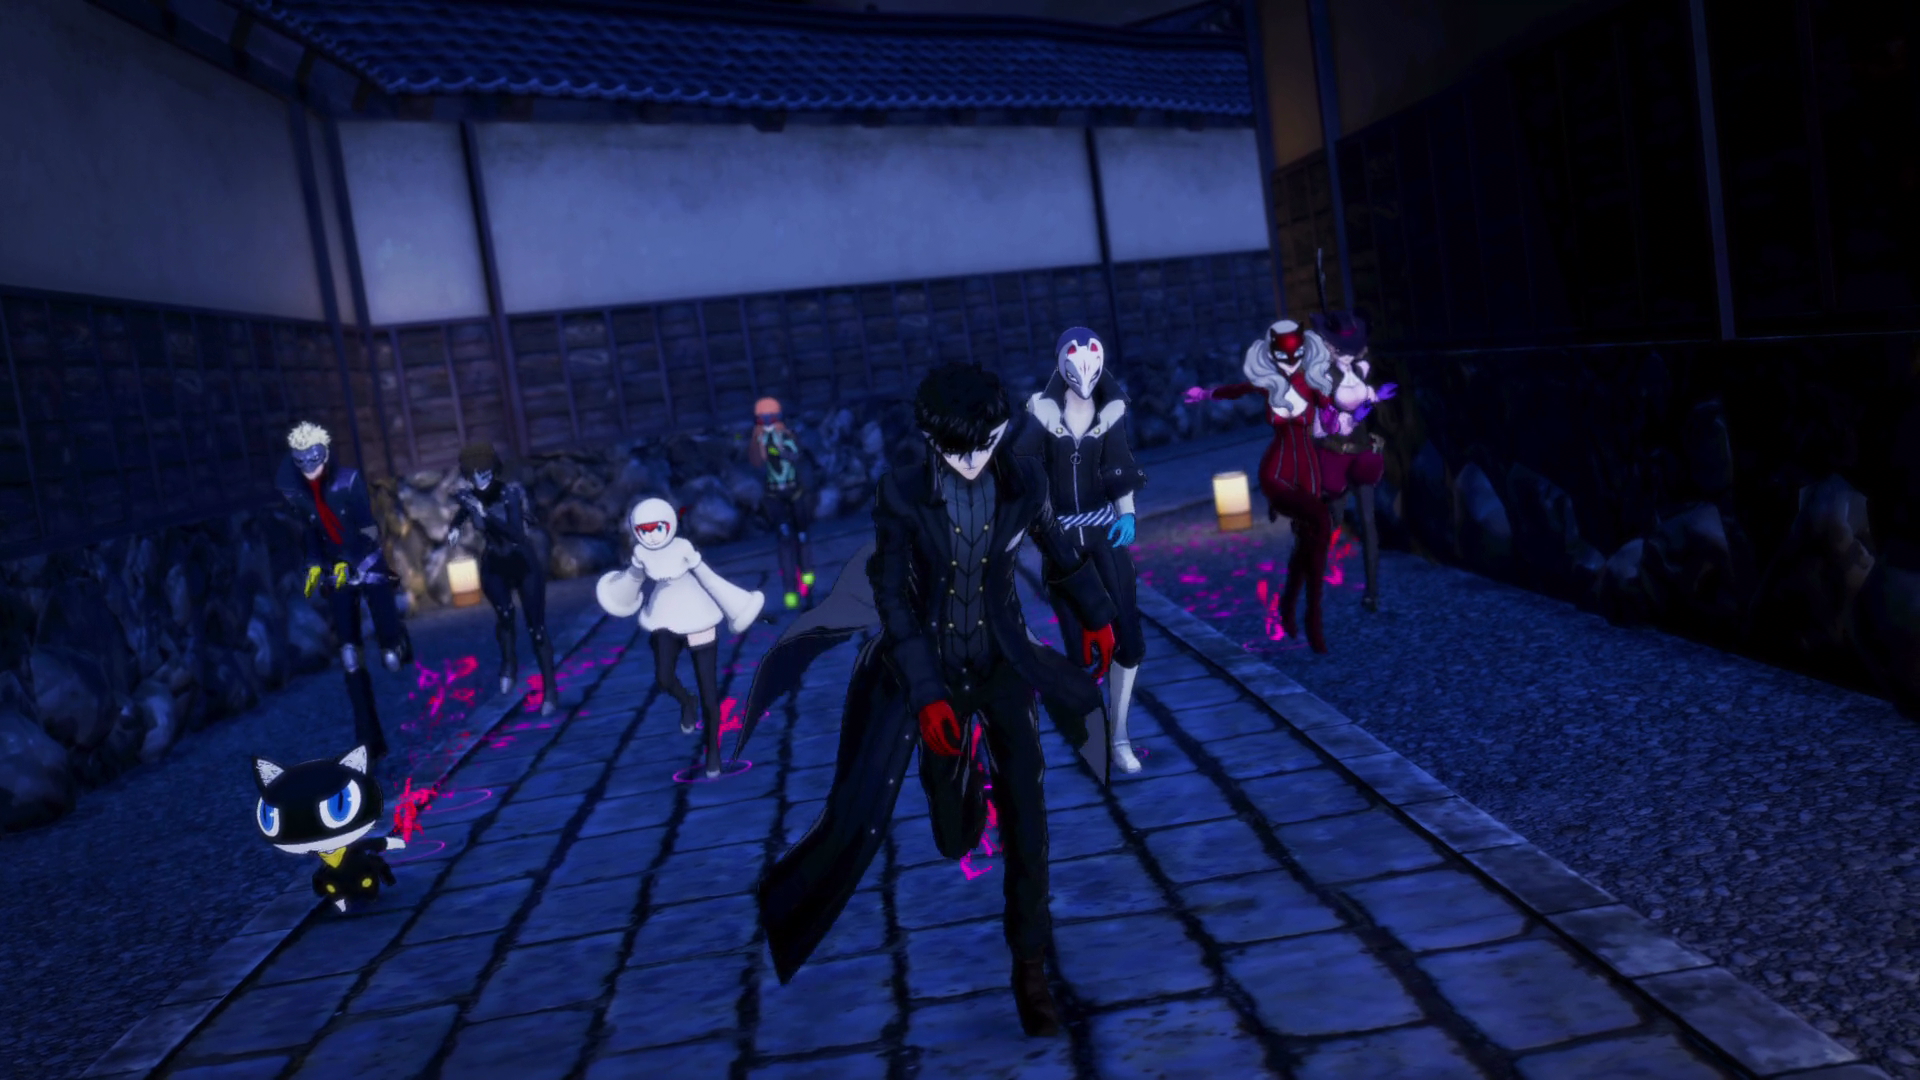 Официально: Анонсирована Persona 5 Strikers — новые скриншоты и детали изданий